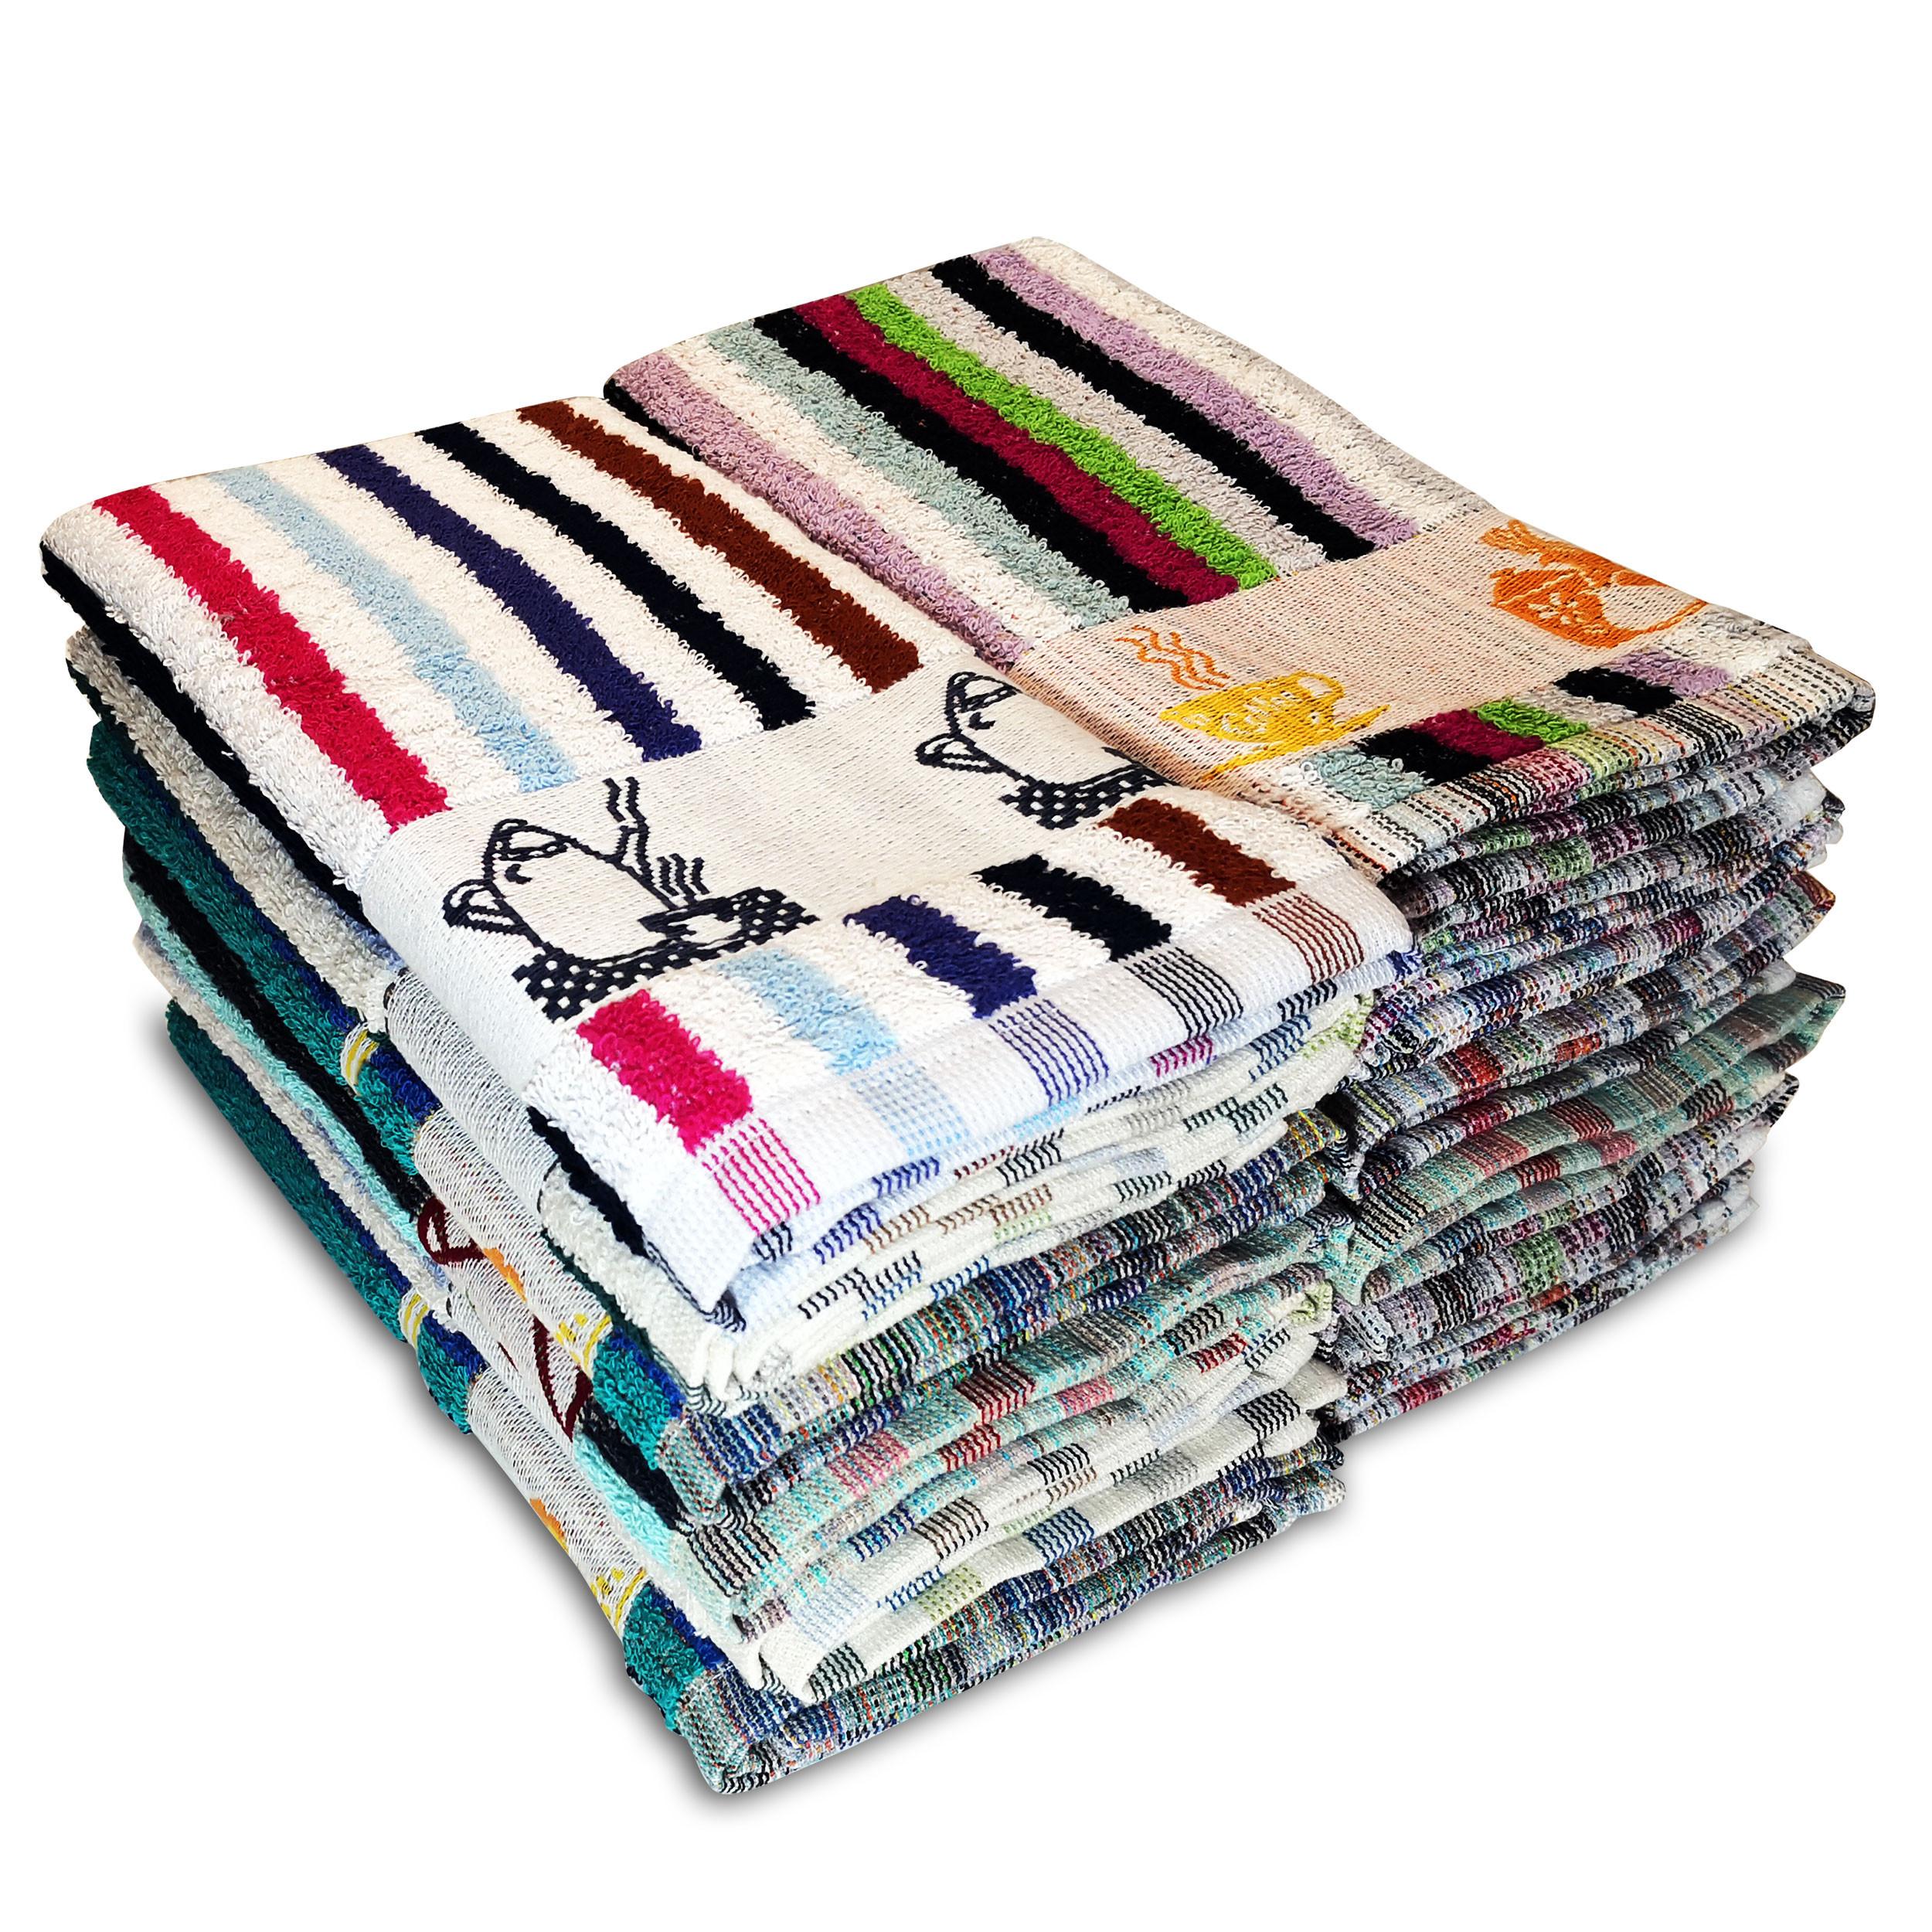 Briebe Home 12 Paños de Cocina Rizo 100% algodón, 50X50cms, Hecho en Portugal, Rayas Multicolor con Dibujo Bordado, Juego de Trapos Suaves